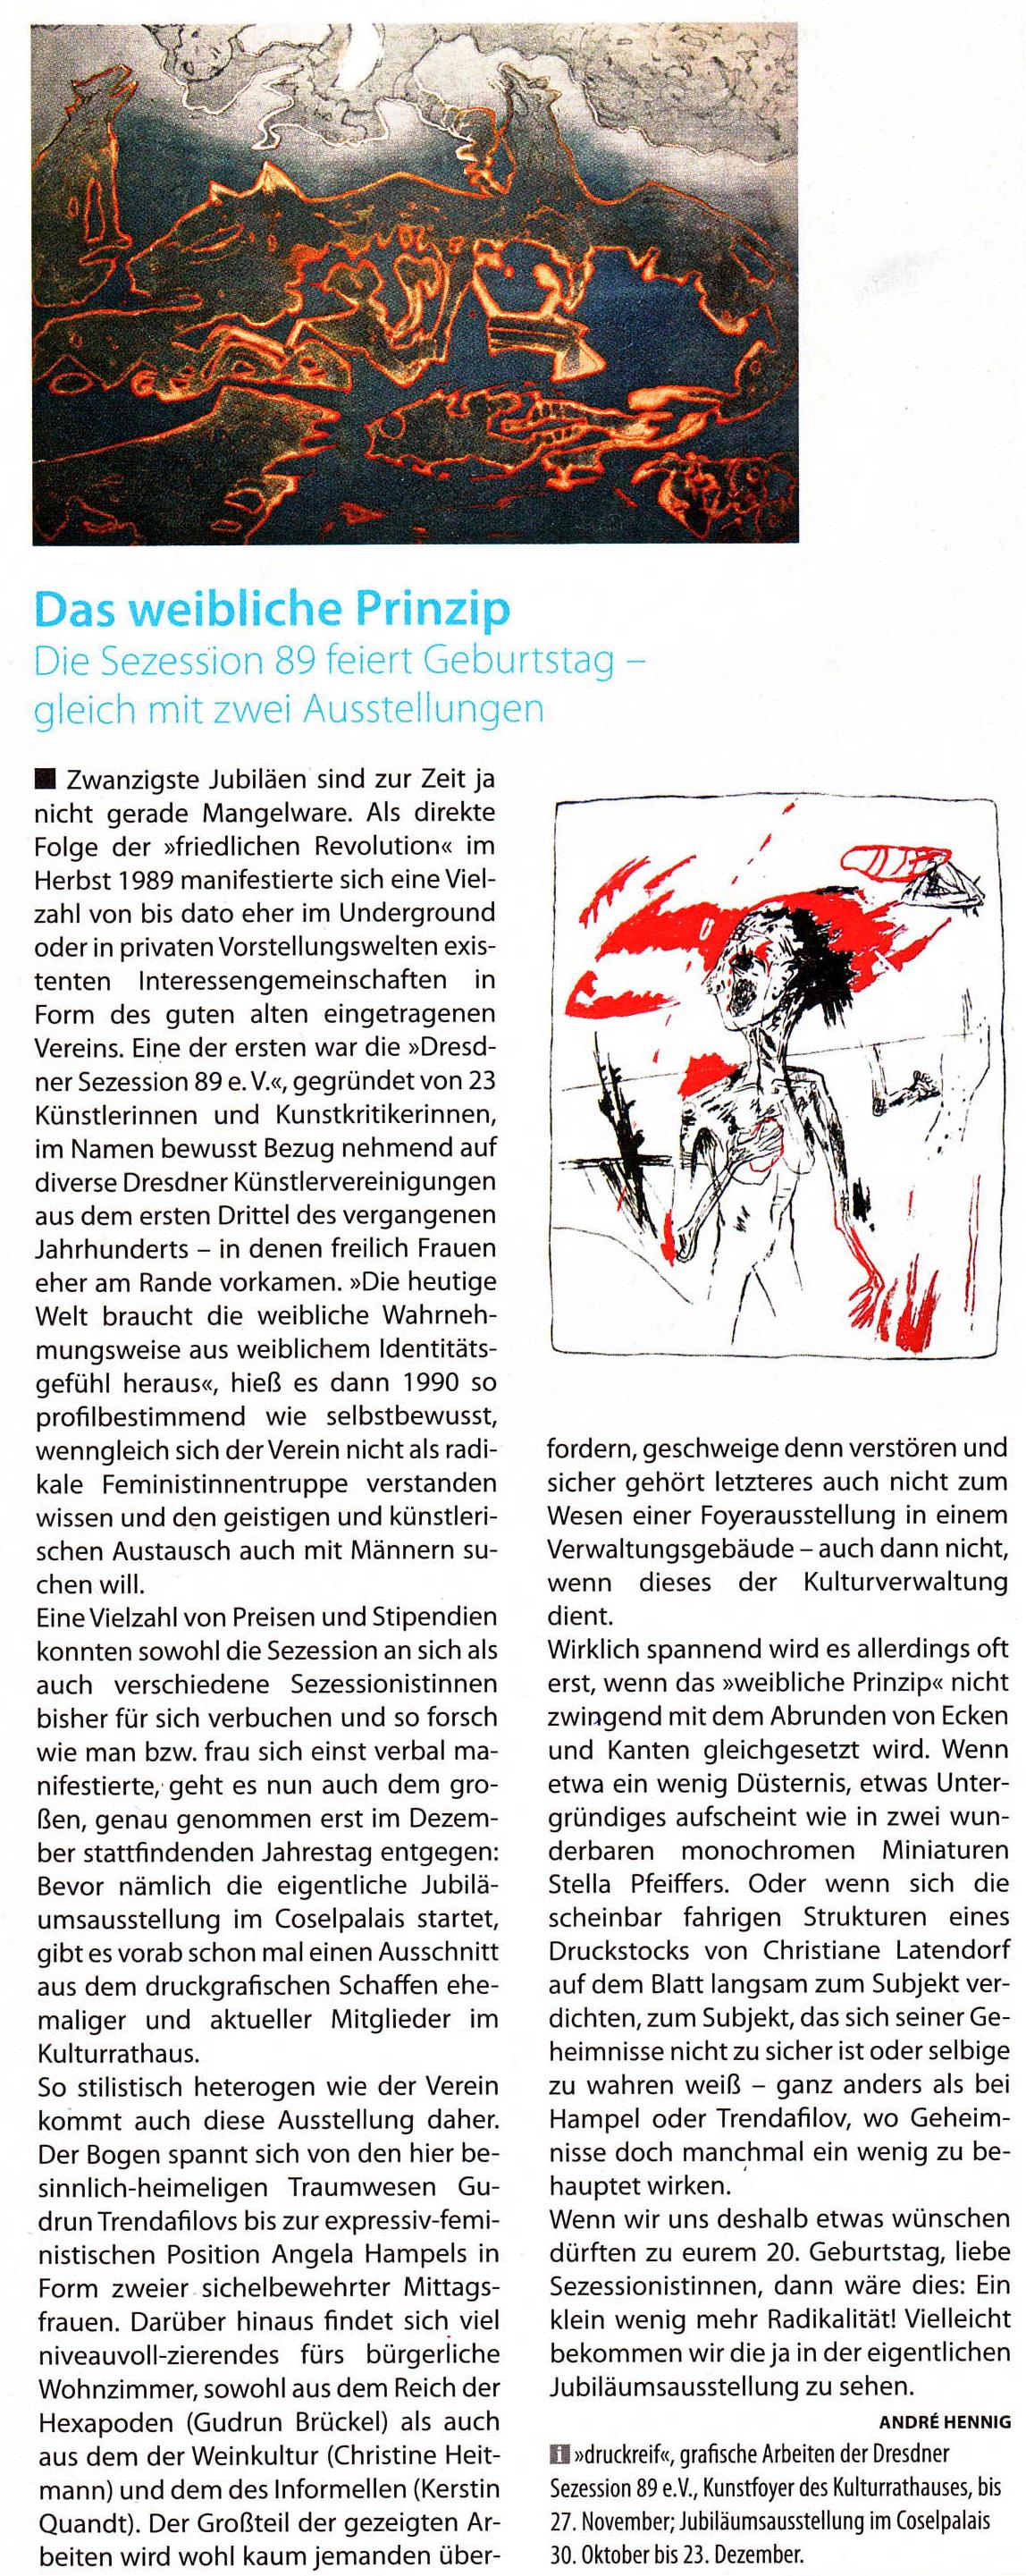 Das weibliche Prinzip, André Hennig, Dresdner 11/2009